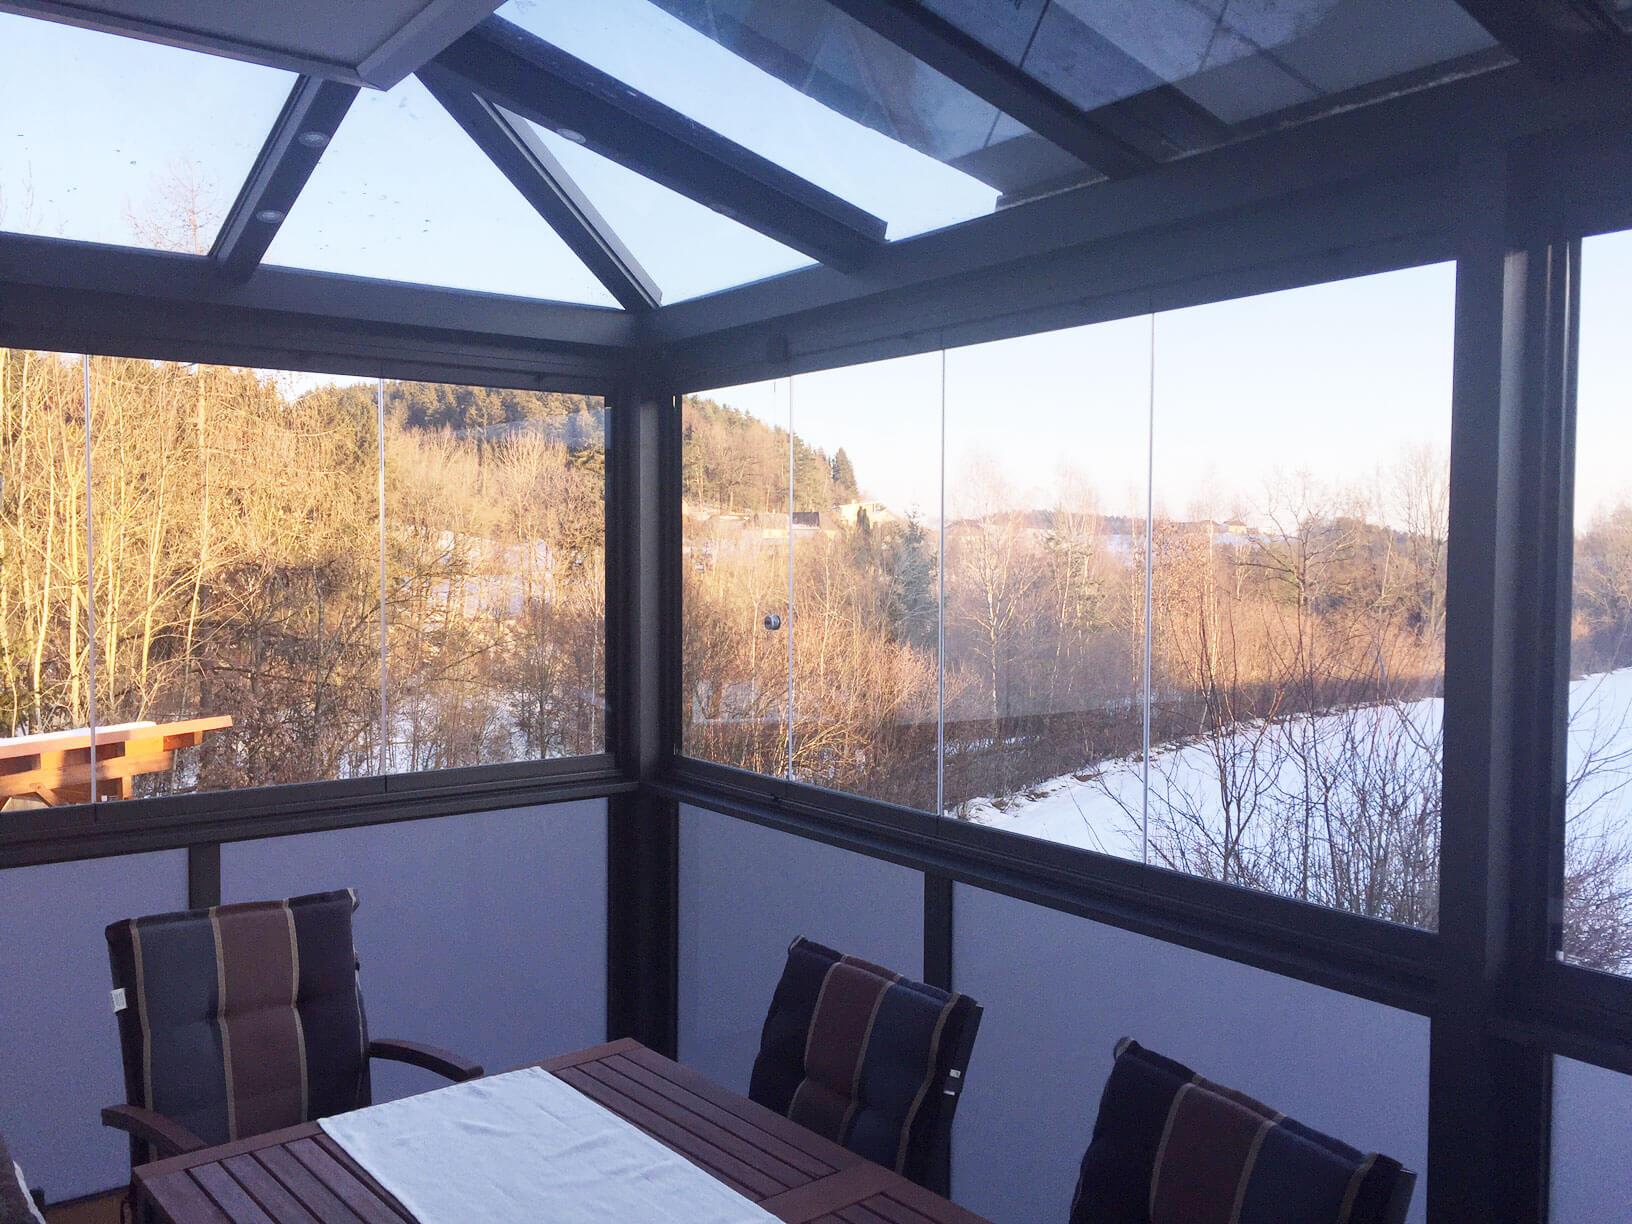 Balkonverglasung mit Schiebegläsern